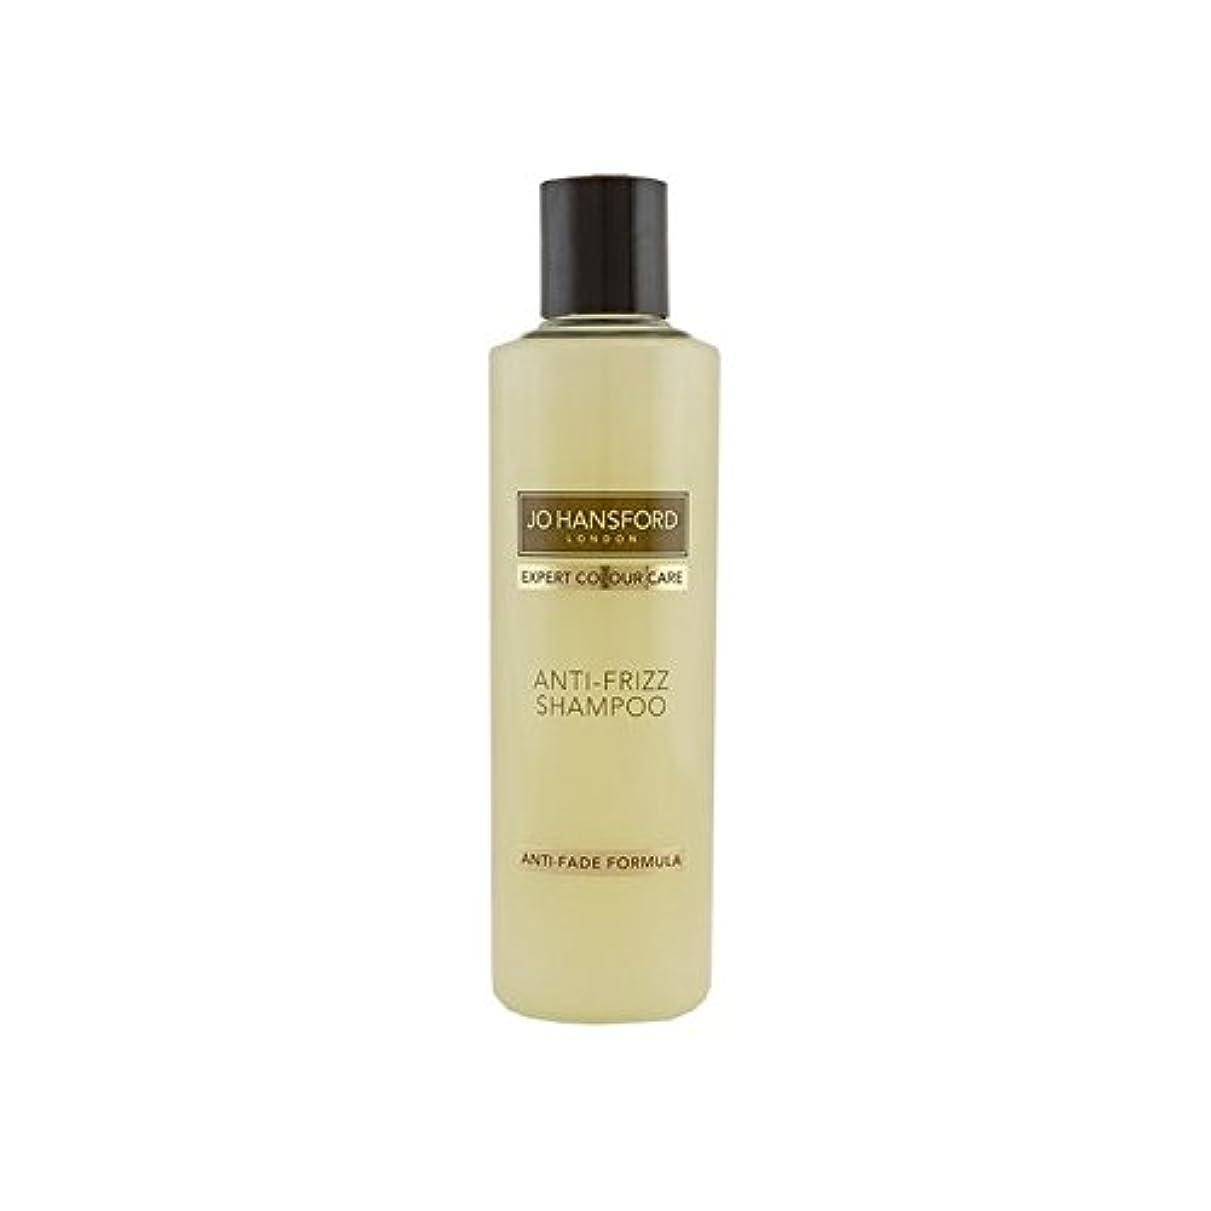 ビジュアル粘土怒るJo Hansford Anti Frizz Shampoo (250ml) - ジョー?ハンスフォード反縮れシャンプー(250ミリリットル) [並行輸入品]